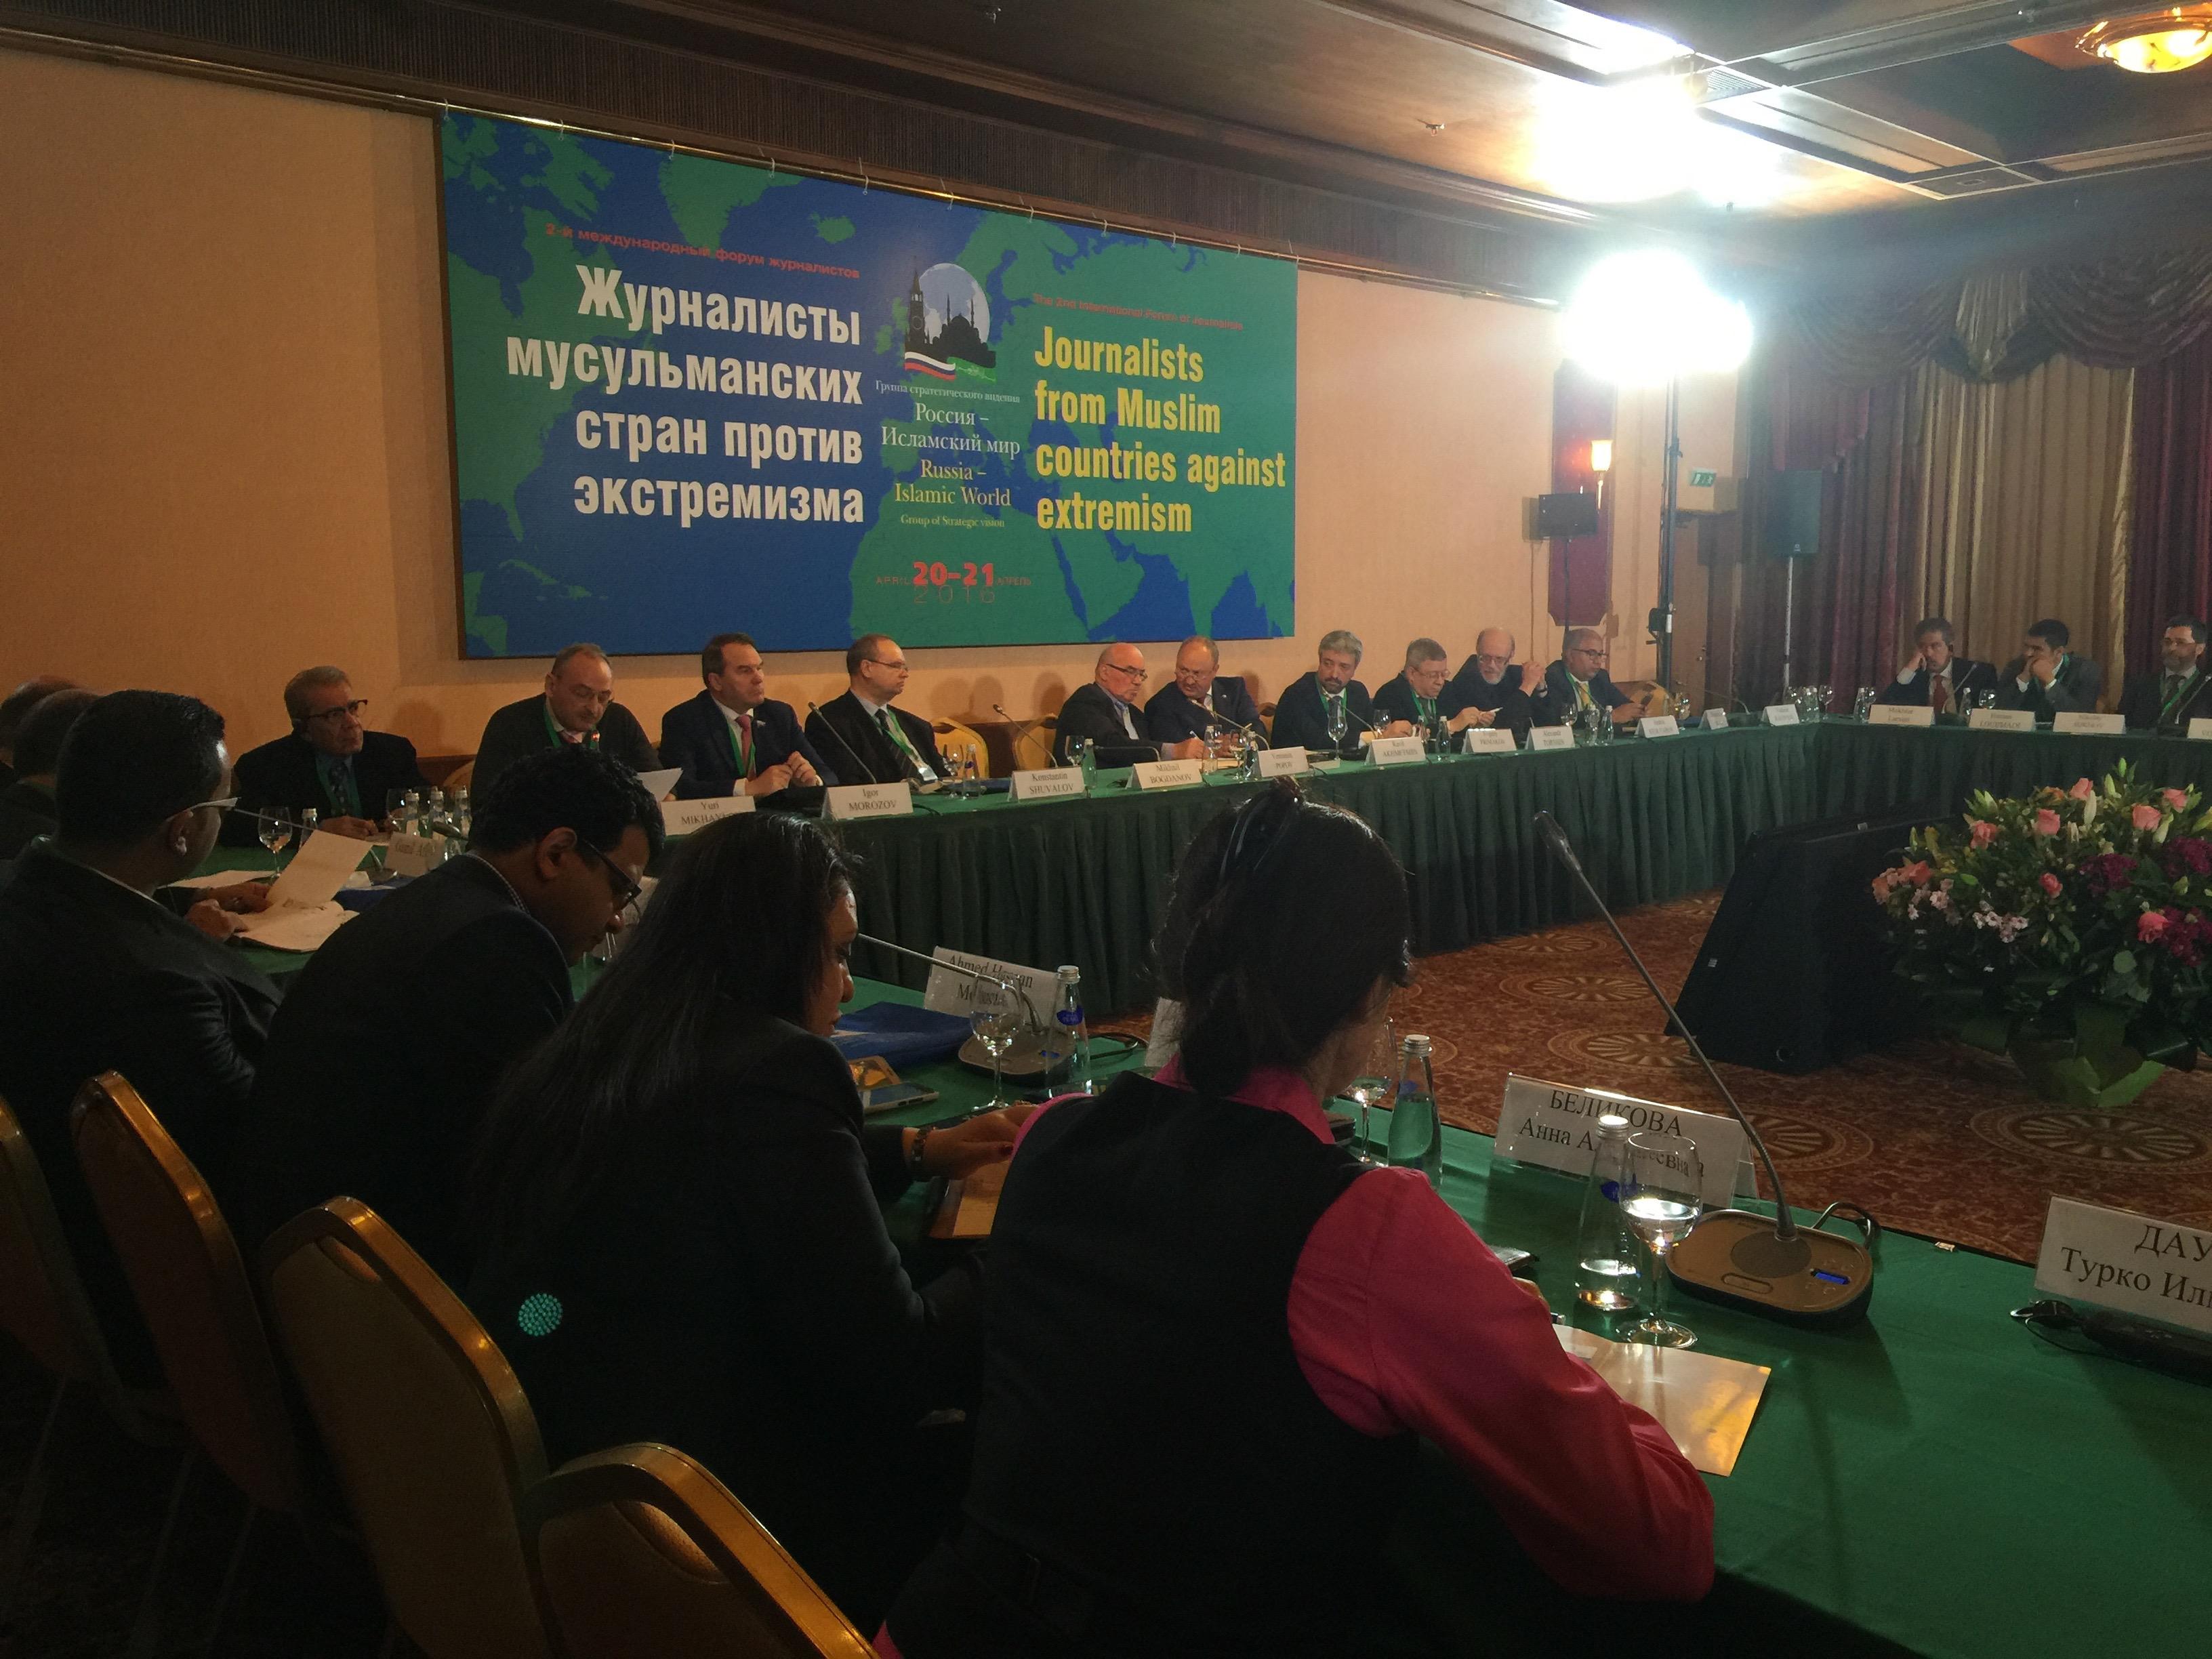 Москва мобилизовала мусульманских журналистов (ВИДЕО)